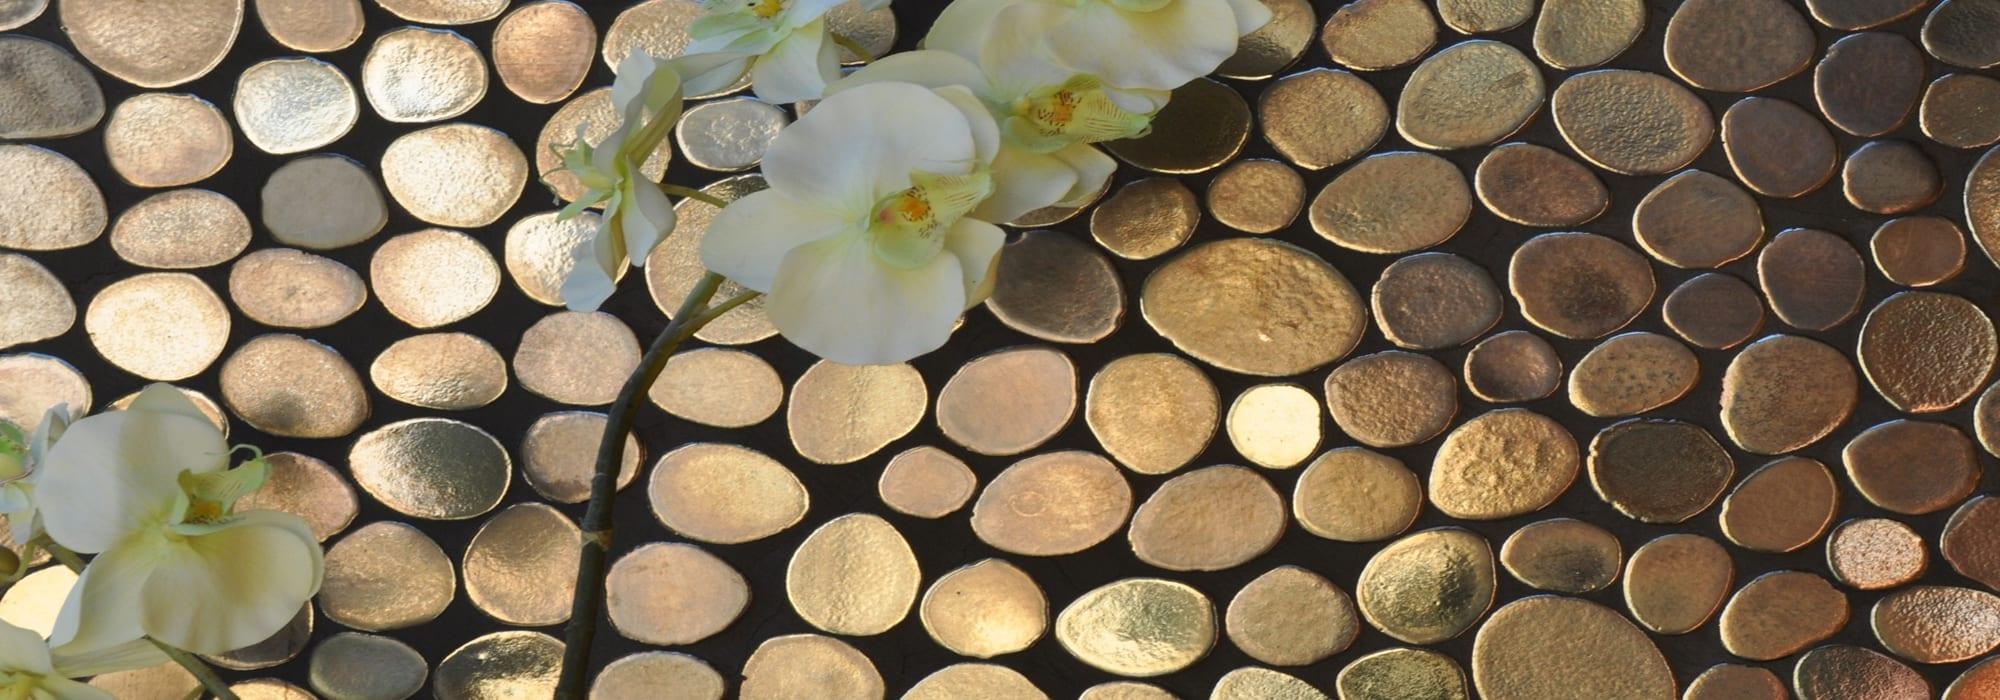 פסיפס קרמיקה בועות ברונזטו by Milstone